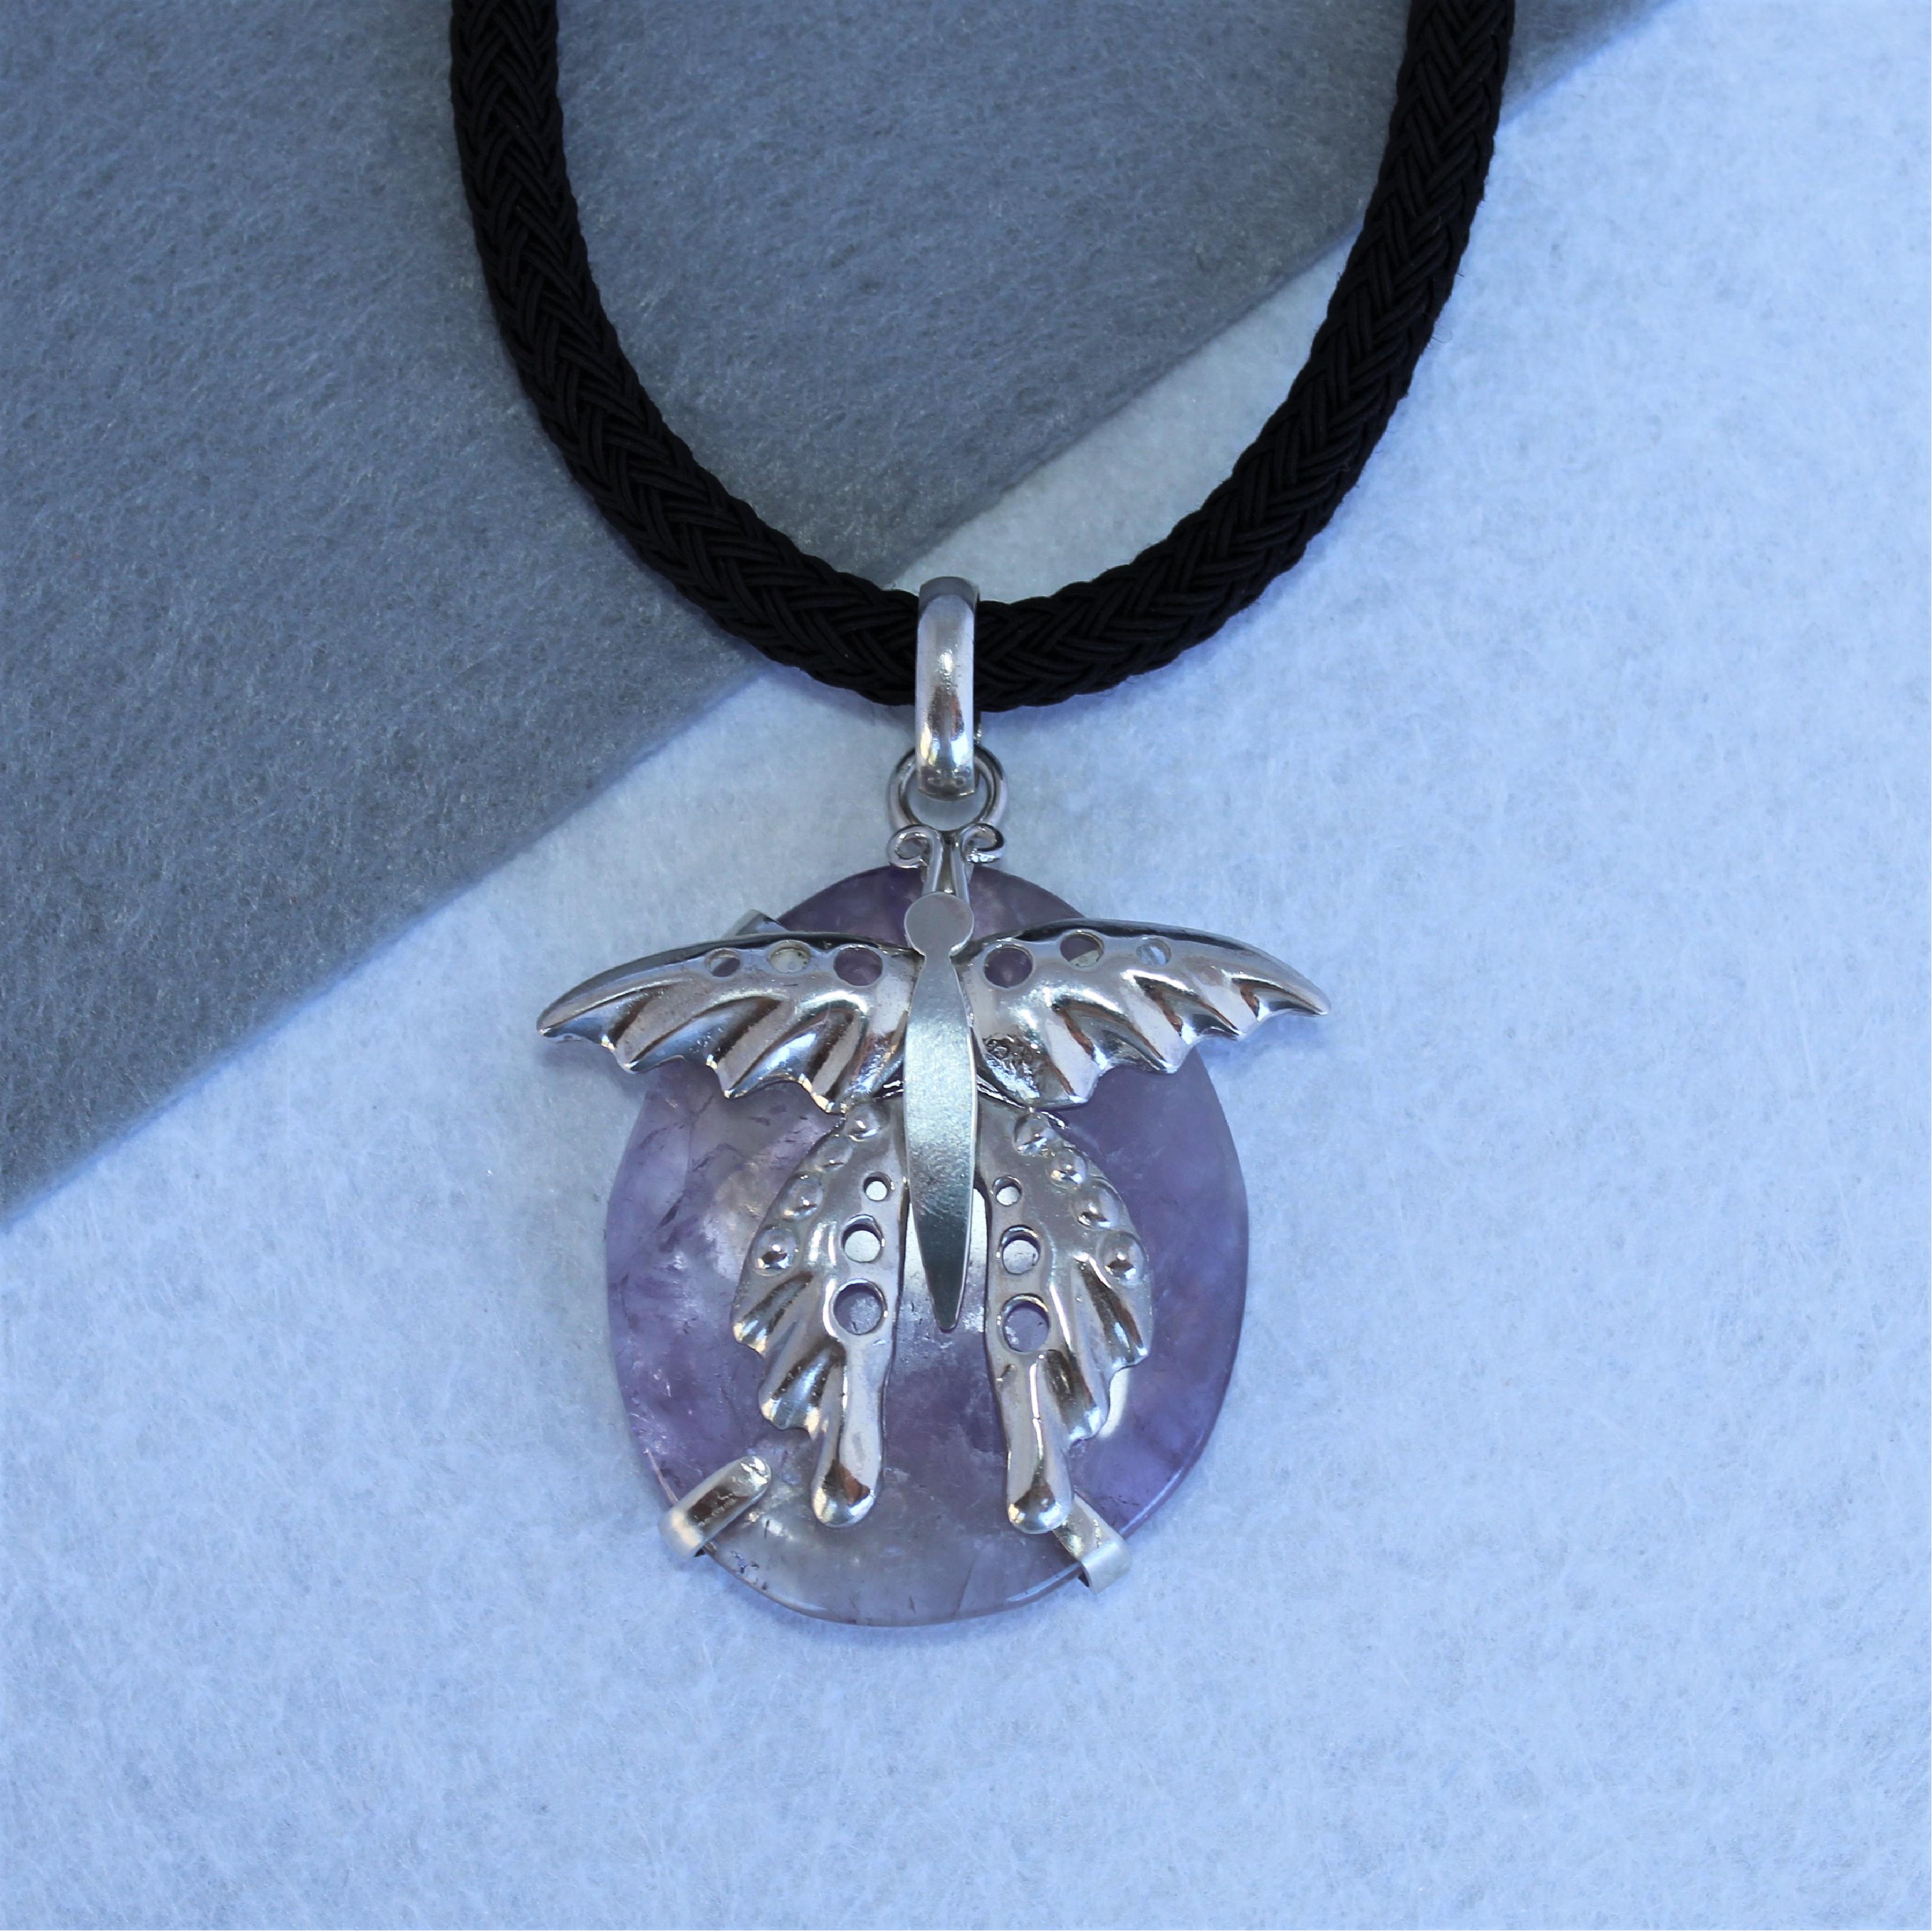 Colgante con mariposa en plata de ley 925 y amatista. Pieza única